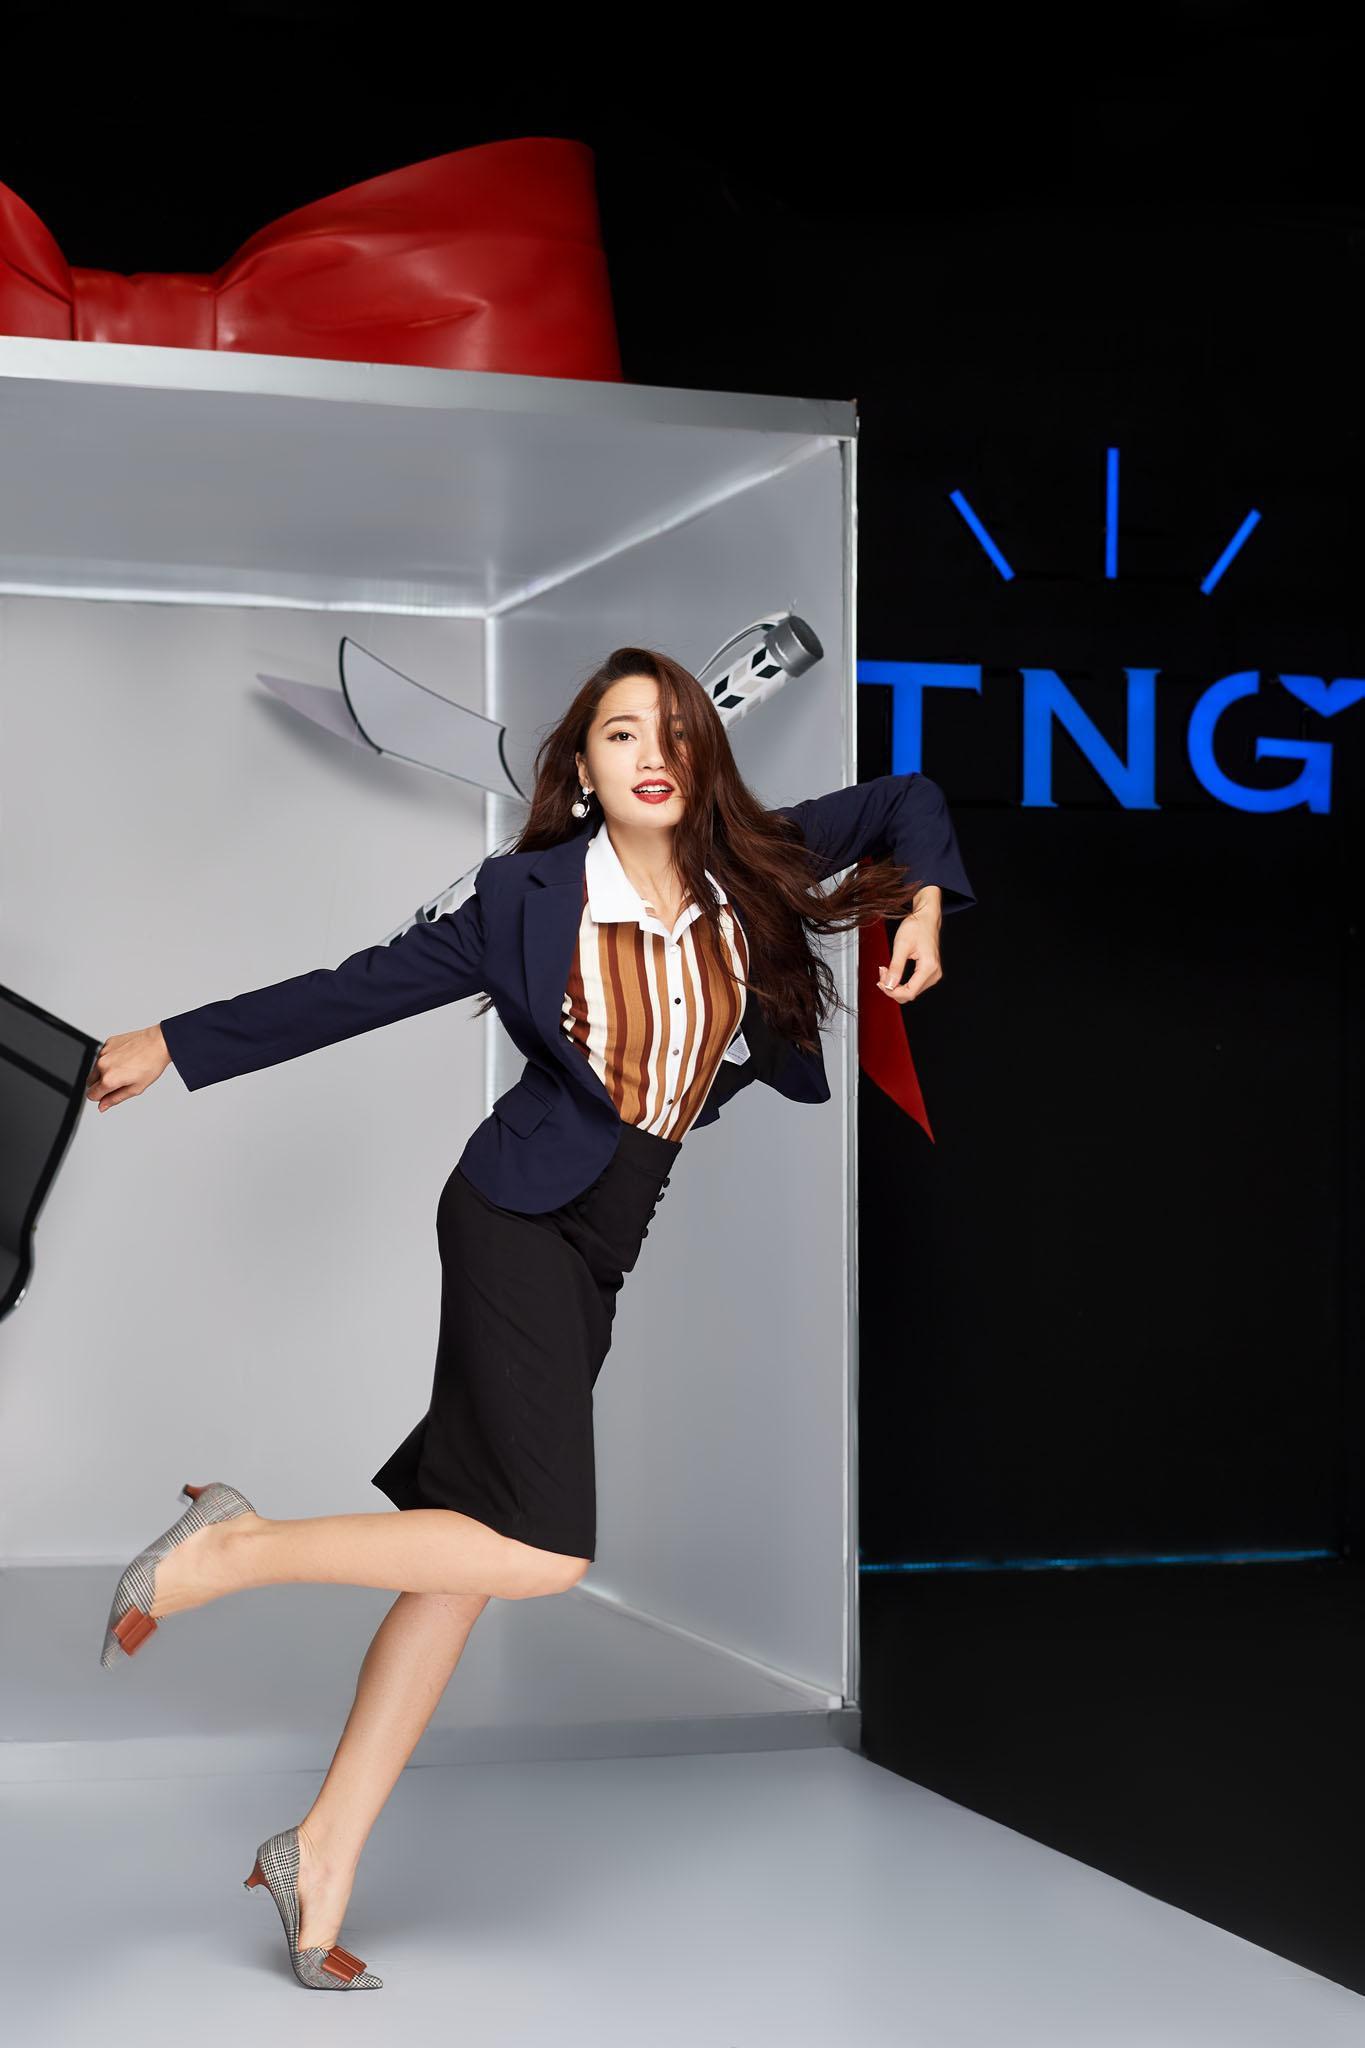 Làn gió mới cho thời trang công sở với những chuyển động cá tính - Ảnh 1.